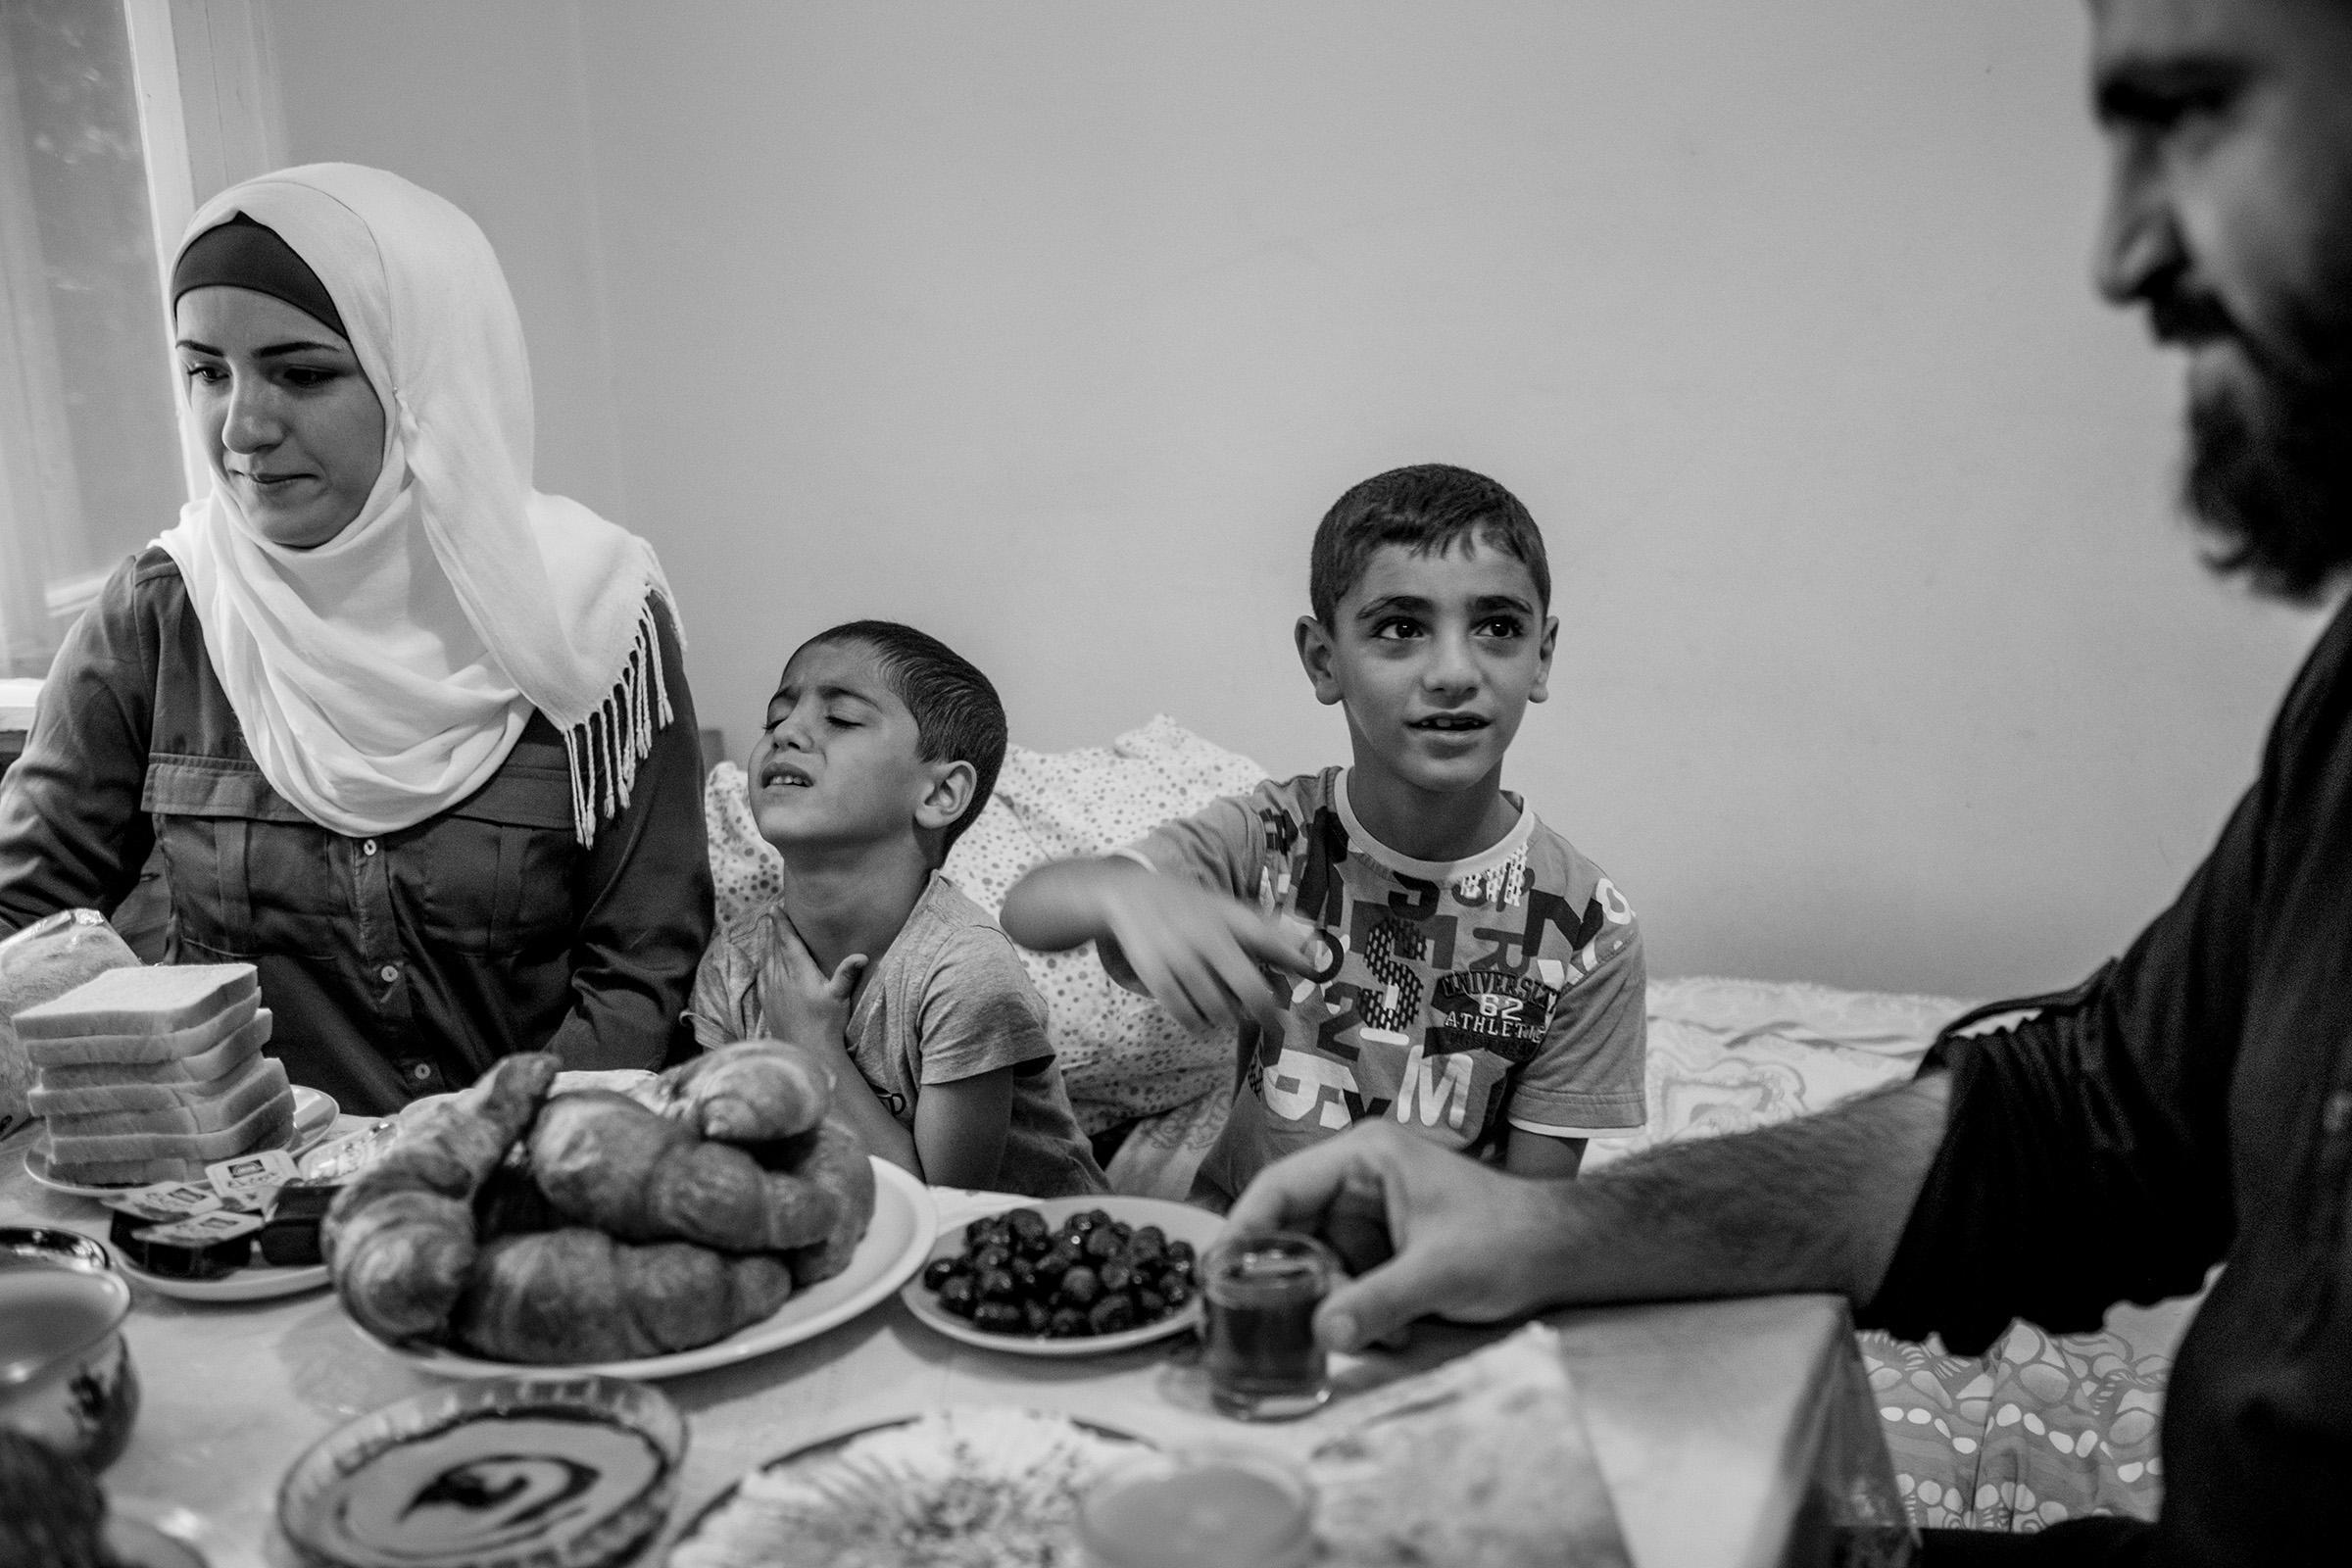 fluechtlinge-syrien-berlin-asyl-integration-esstisch